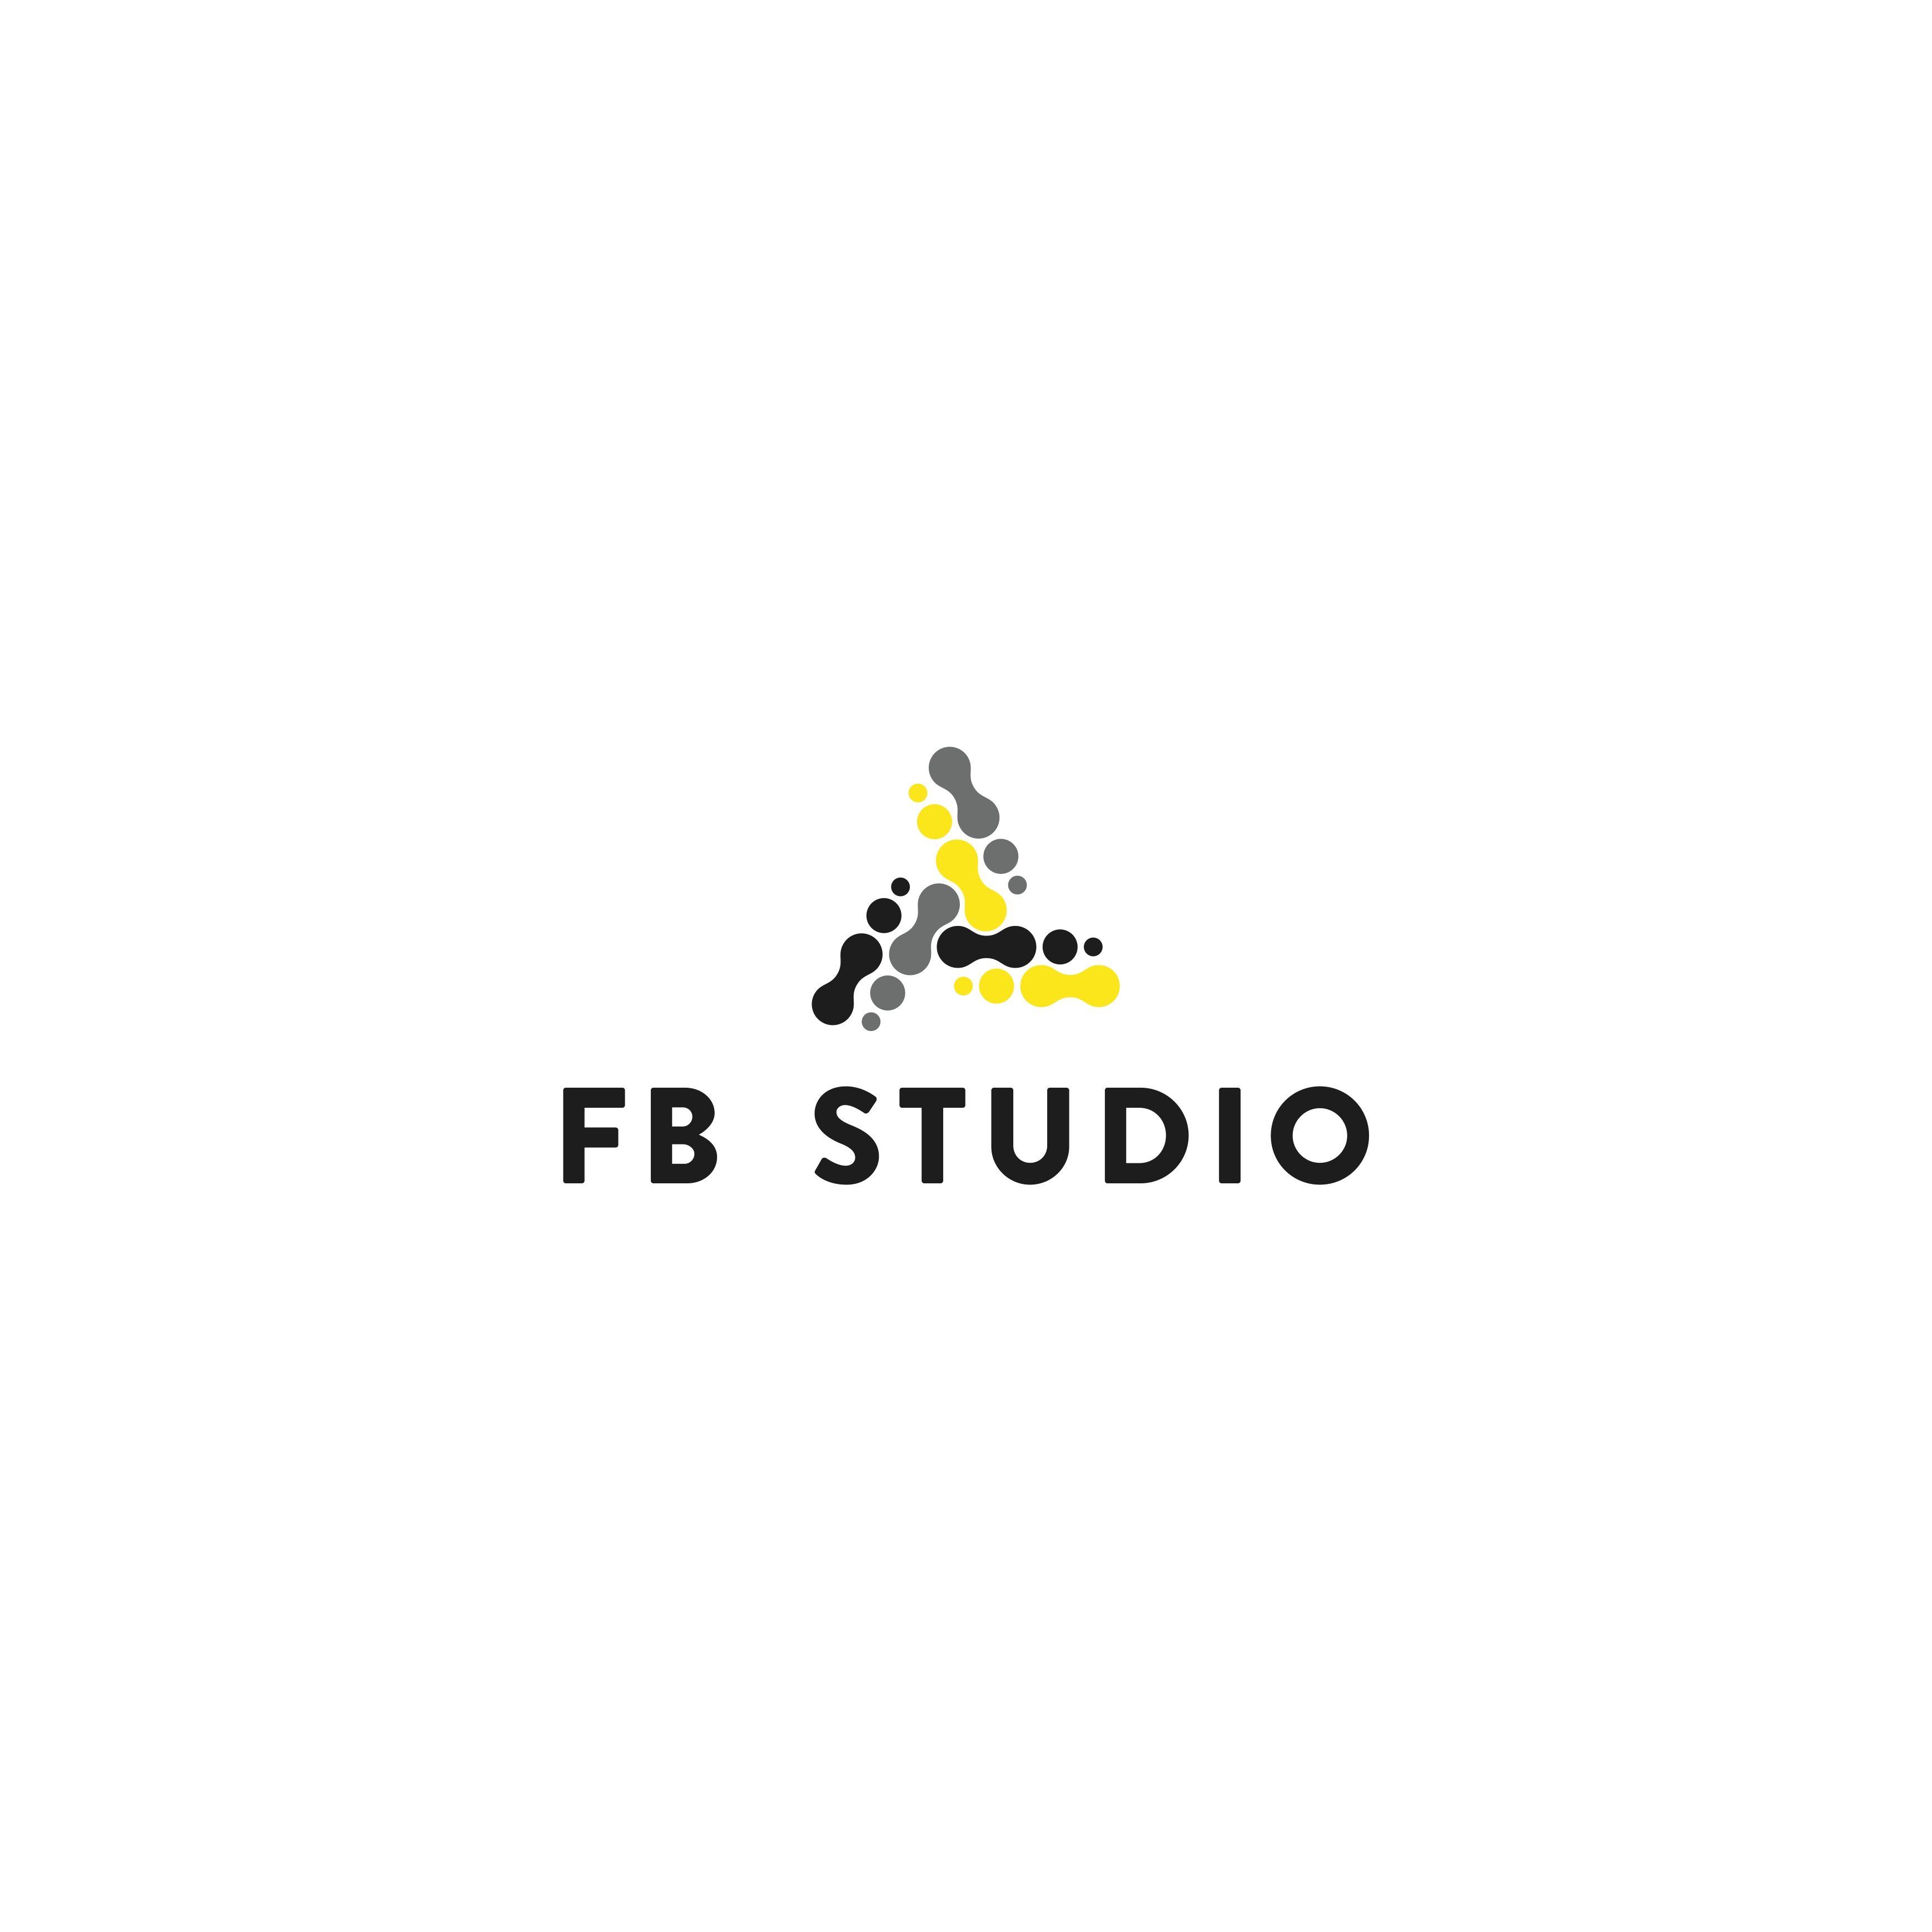 Лого и фирменный стиль для спортивной студии  - дизайнер AlexSh1978